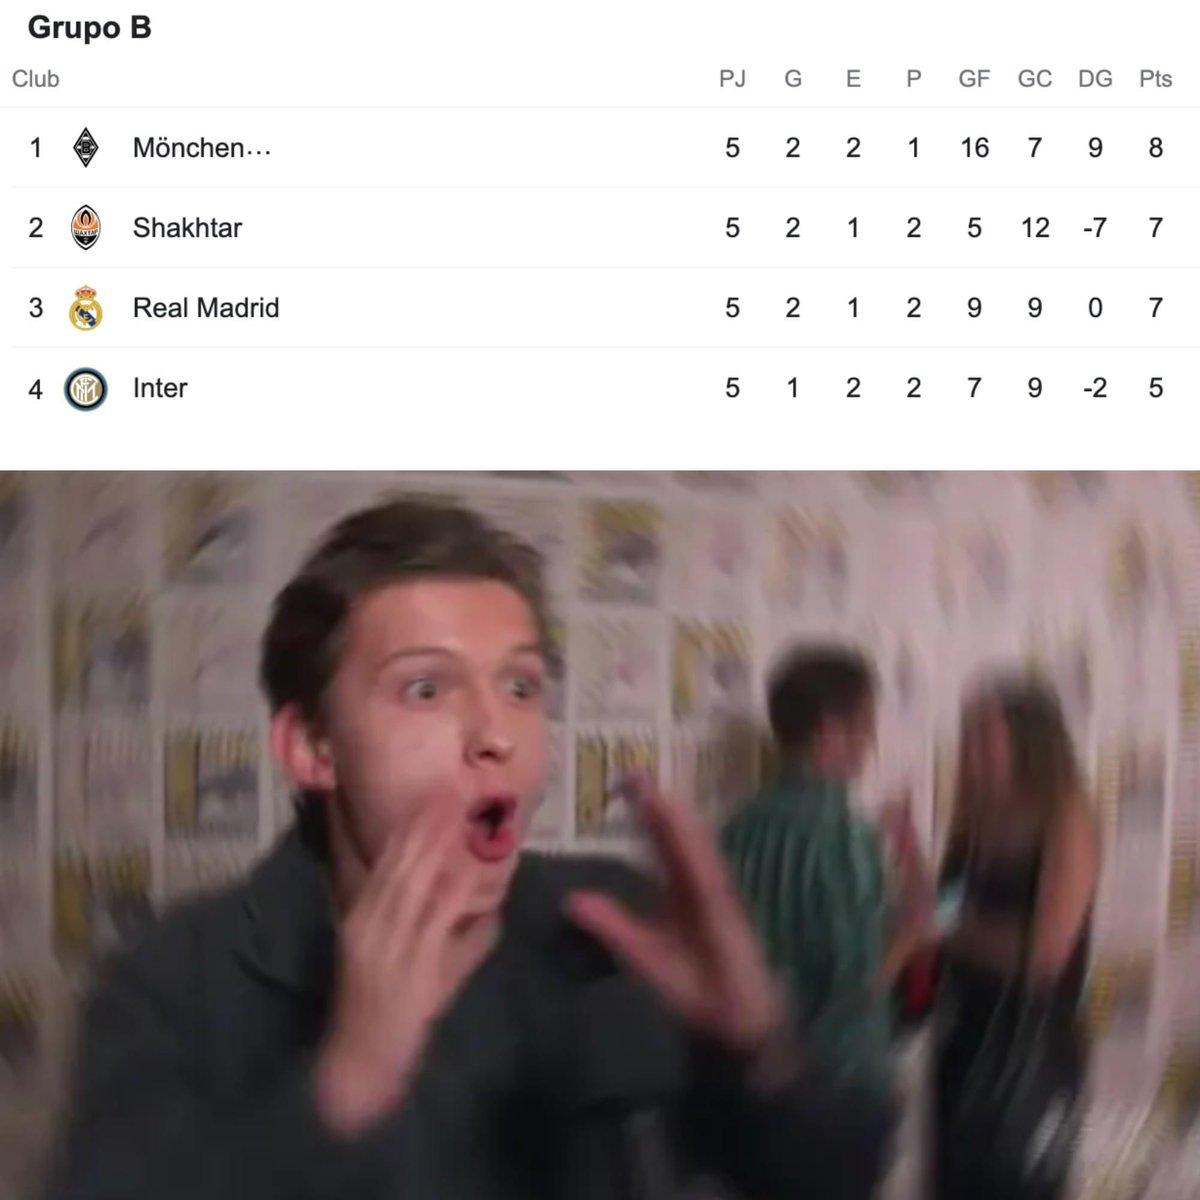 ¿Qué equipos avanzarán del Grupo B de la Champions League? #UCL